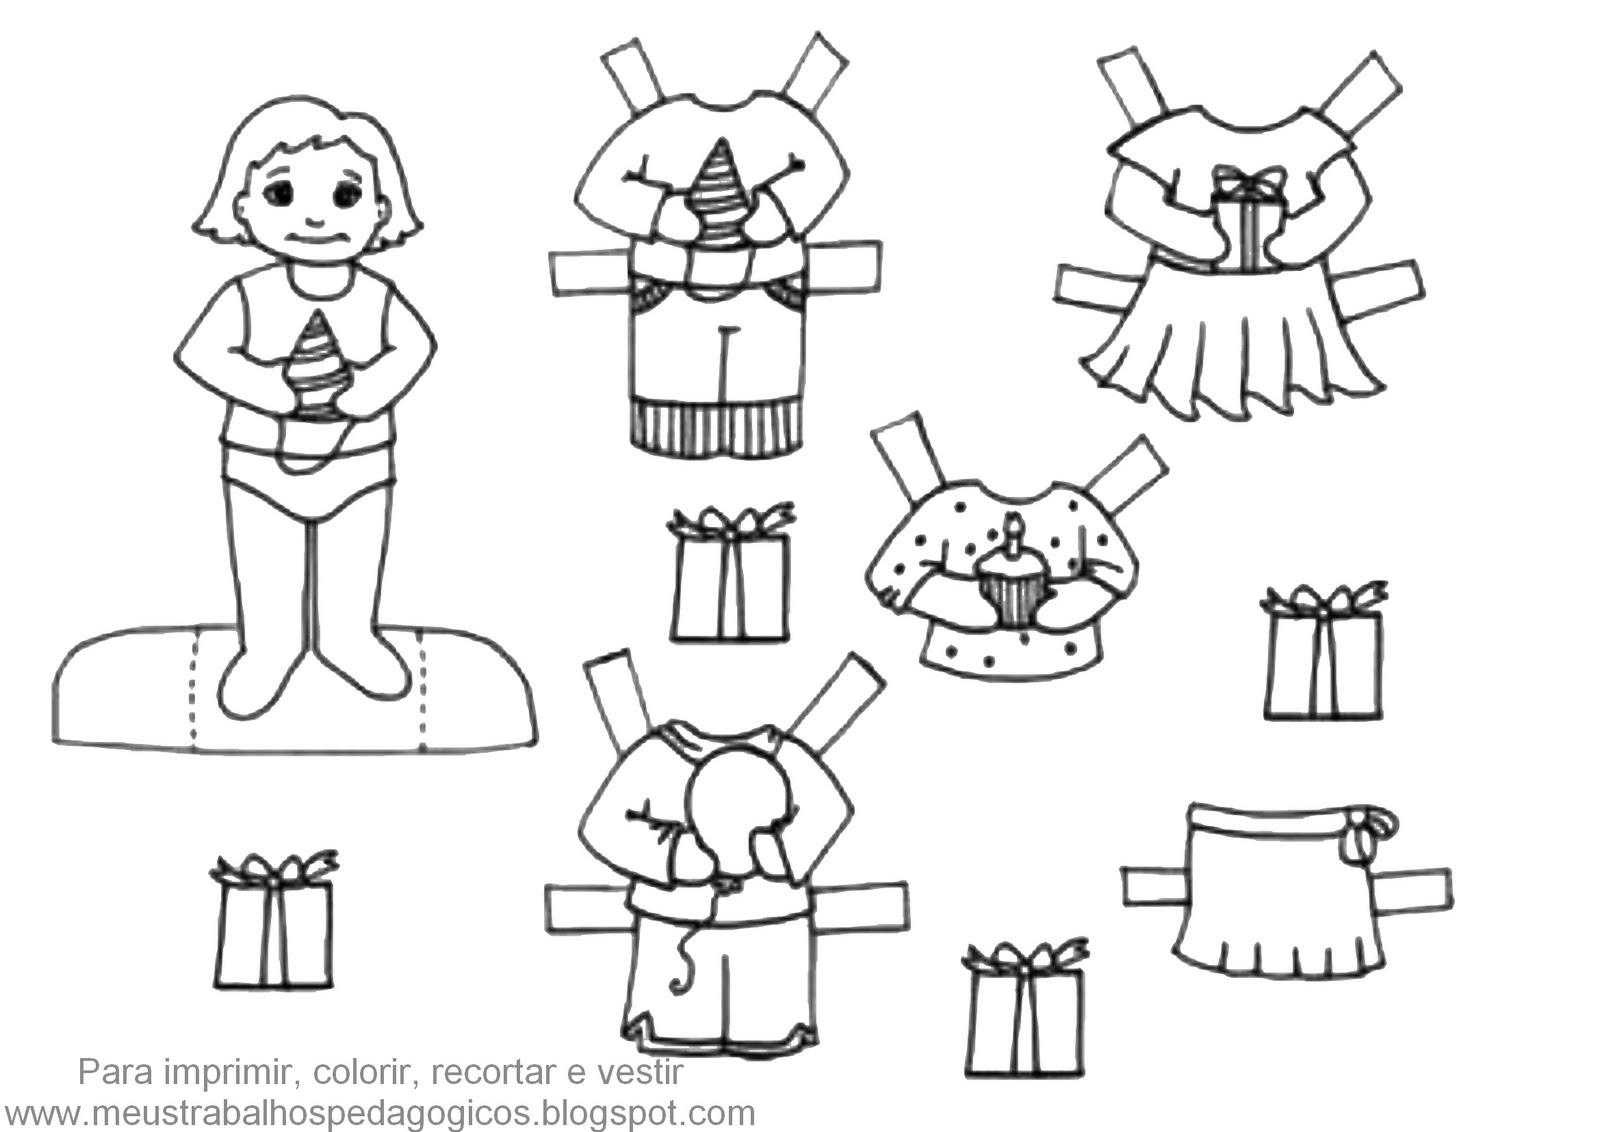 Meus Trabalhos Pedagogicos Algumas Bonecas E Roupinhas Para Vestir